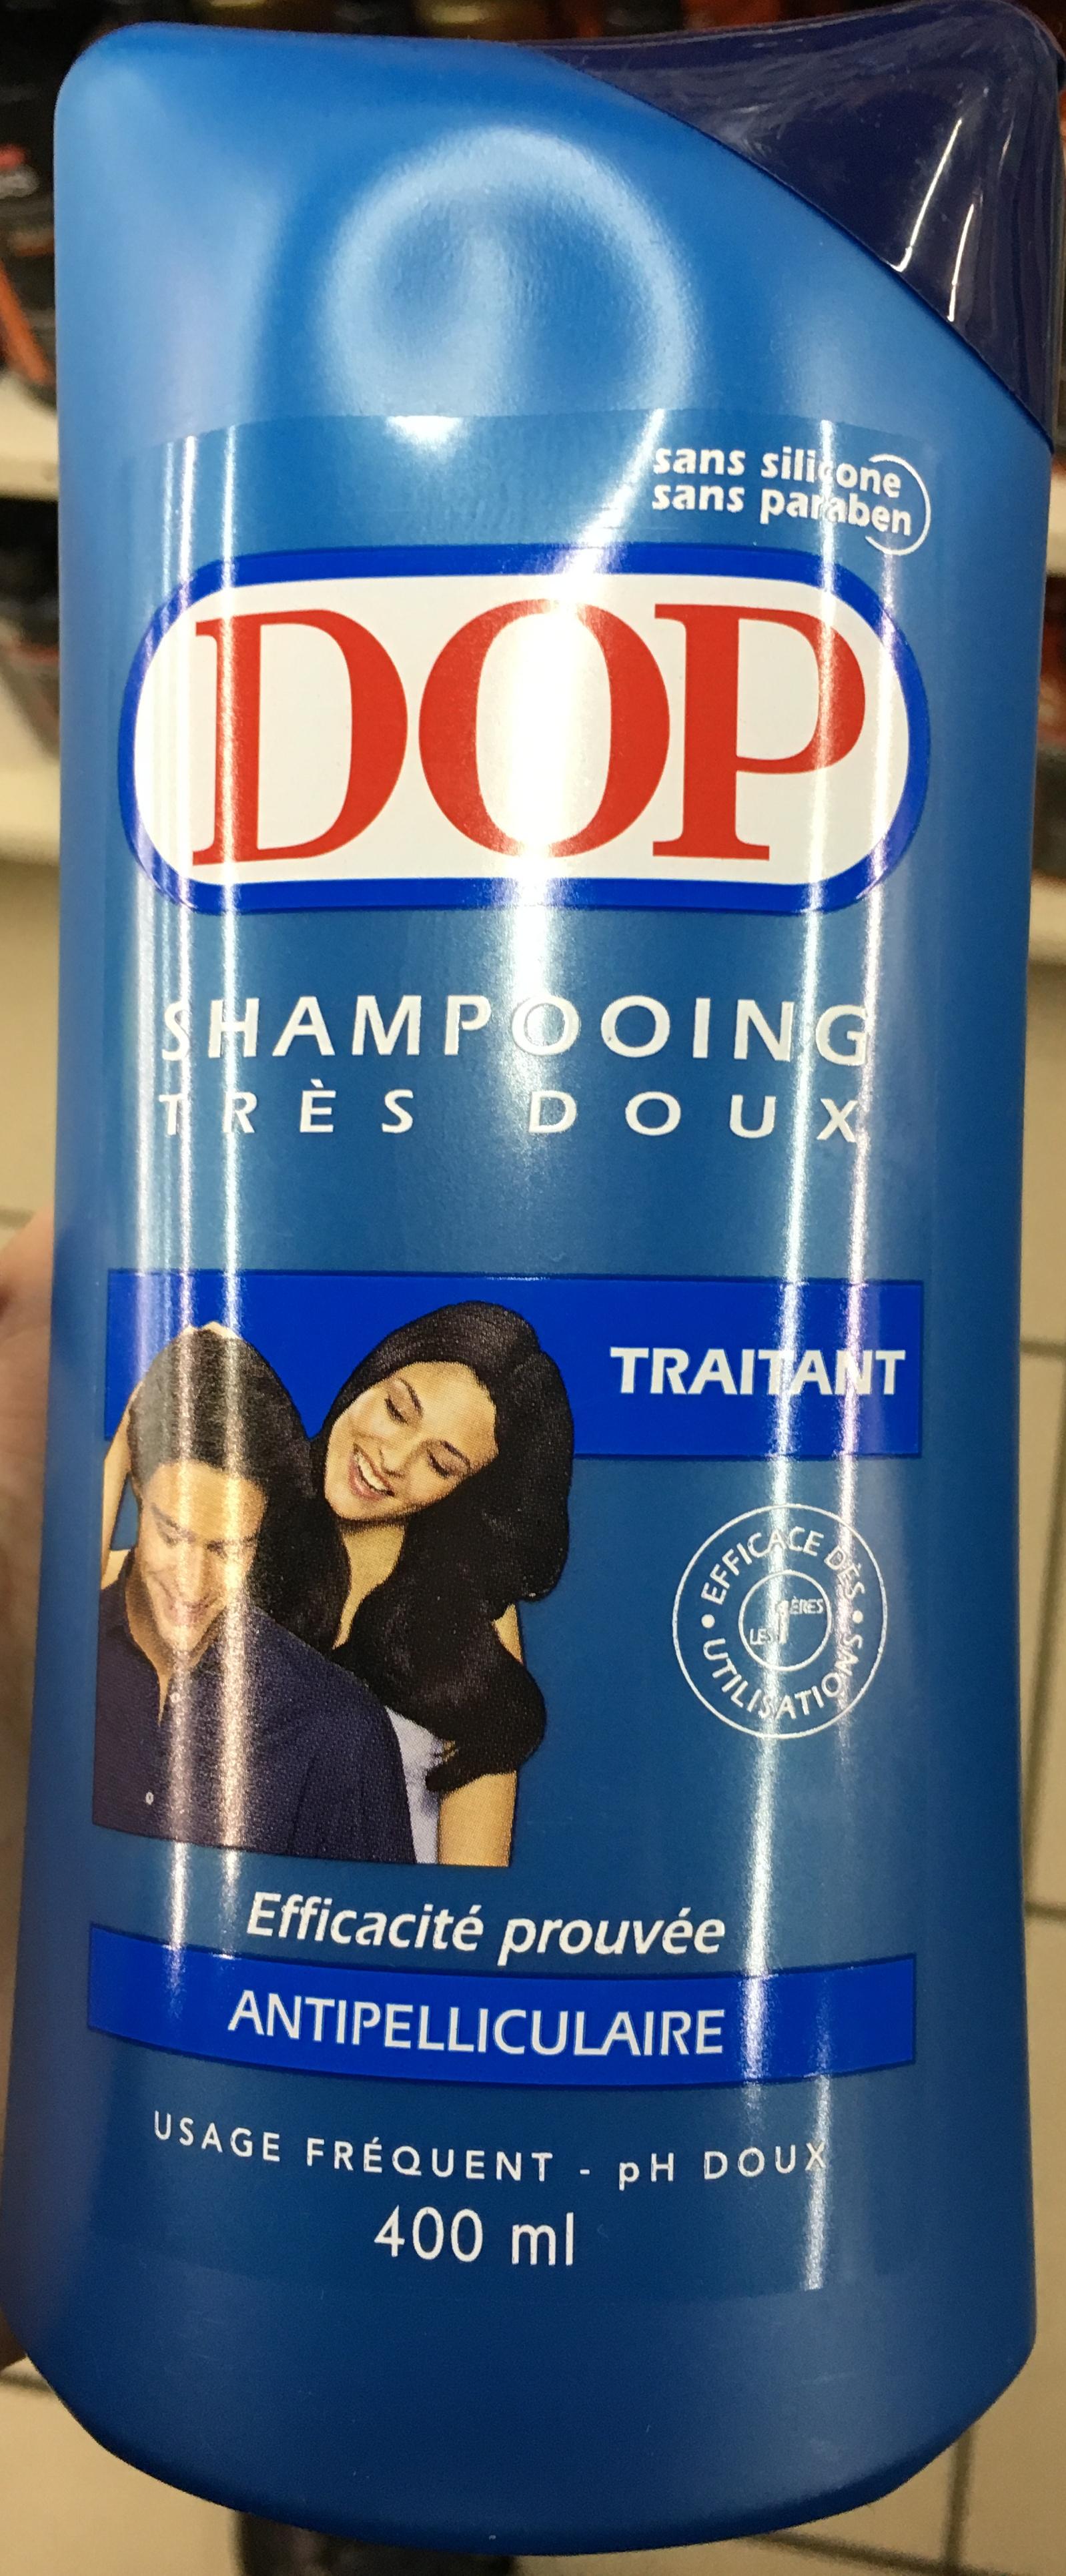 Shampooing très doux Traitant Antipelliculaire - Product - fr